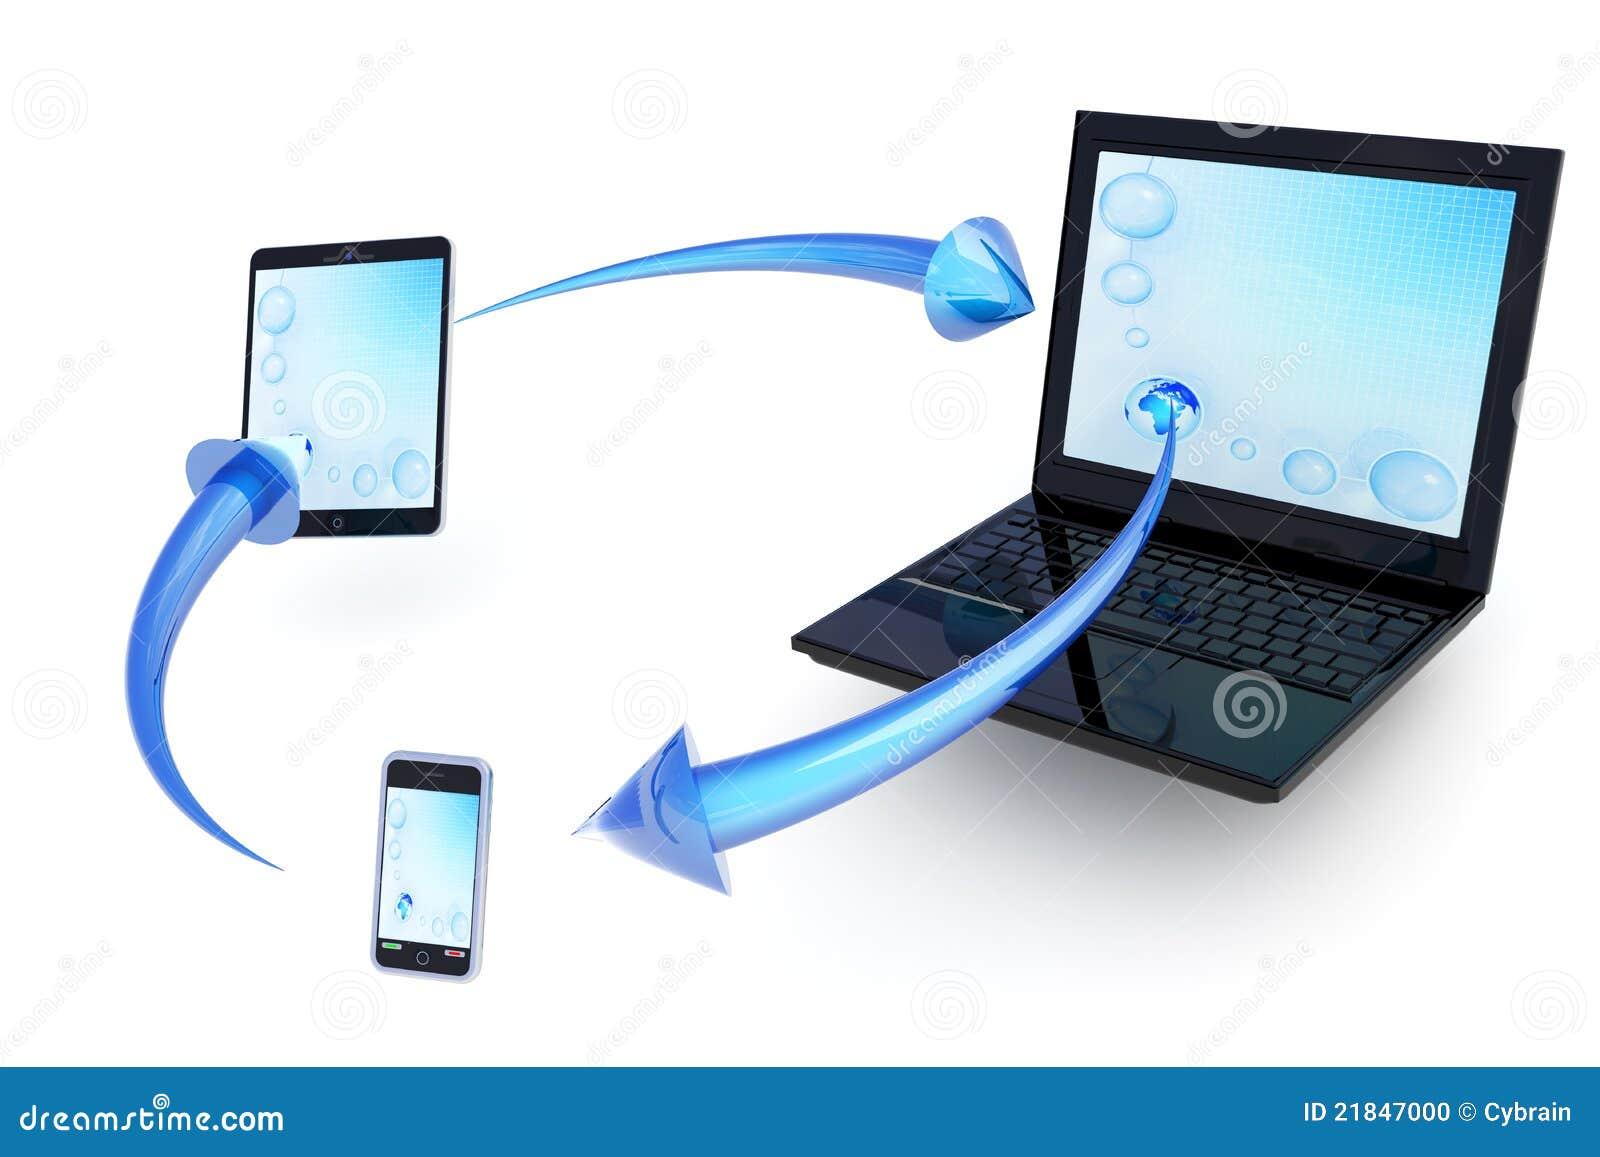 Intercambio de datos entre los dispositivos móviles